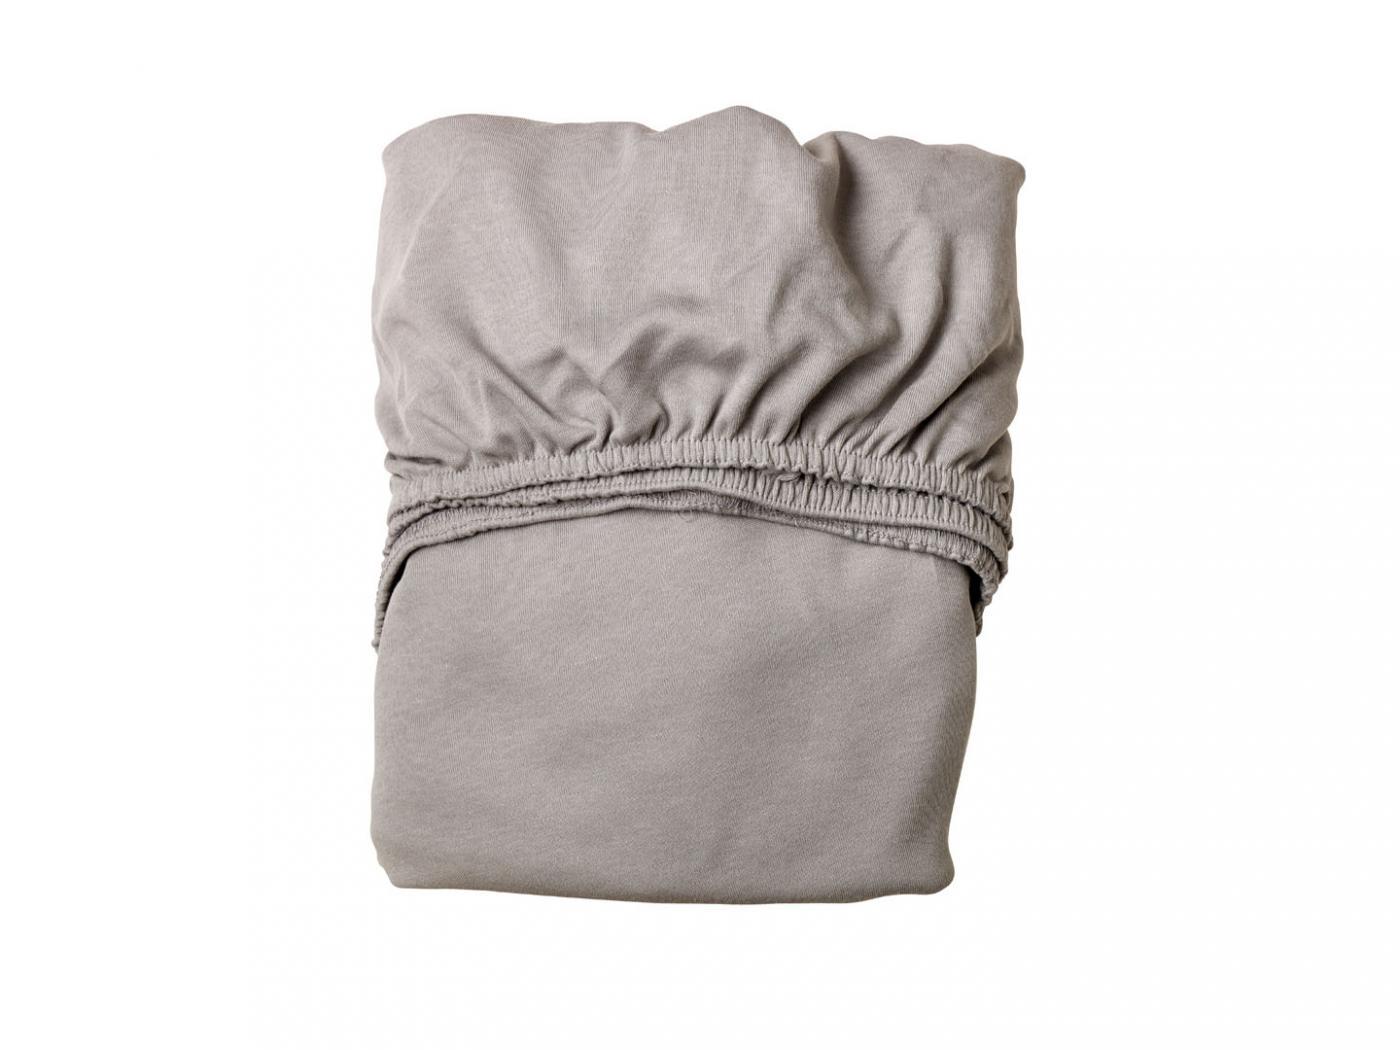 Leander draps housse b b gris clair pour lit b b volutif for Drap housse lit bebe